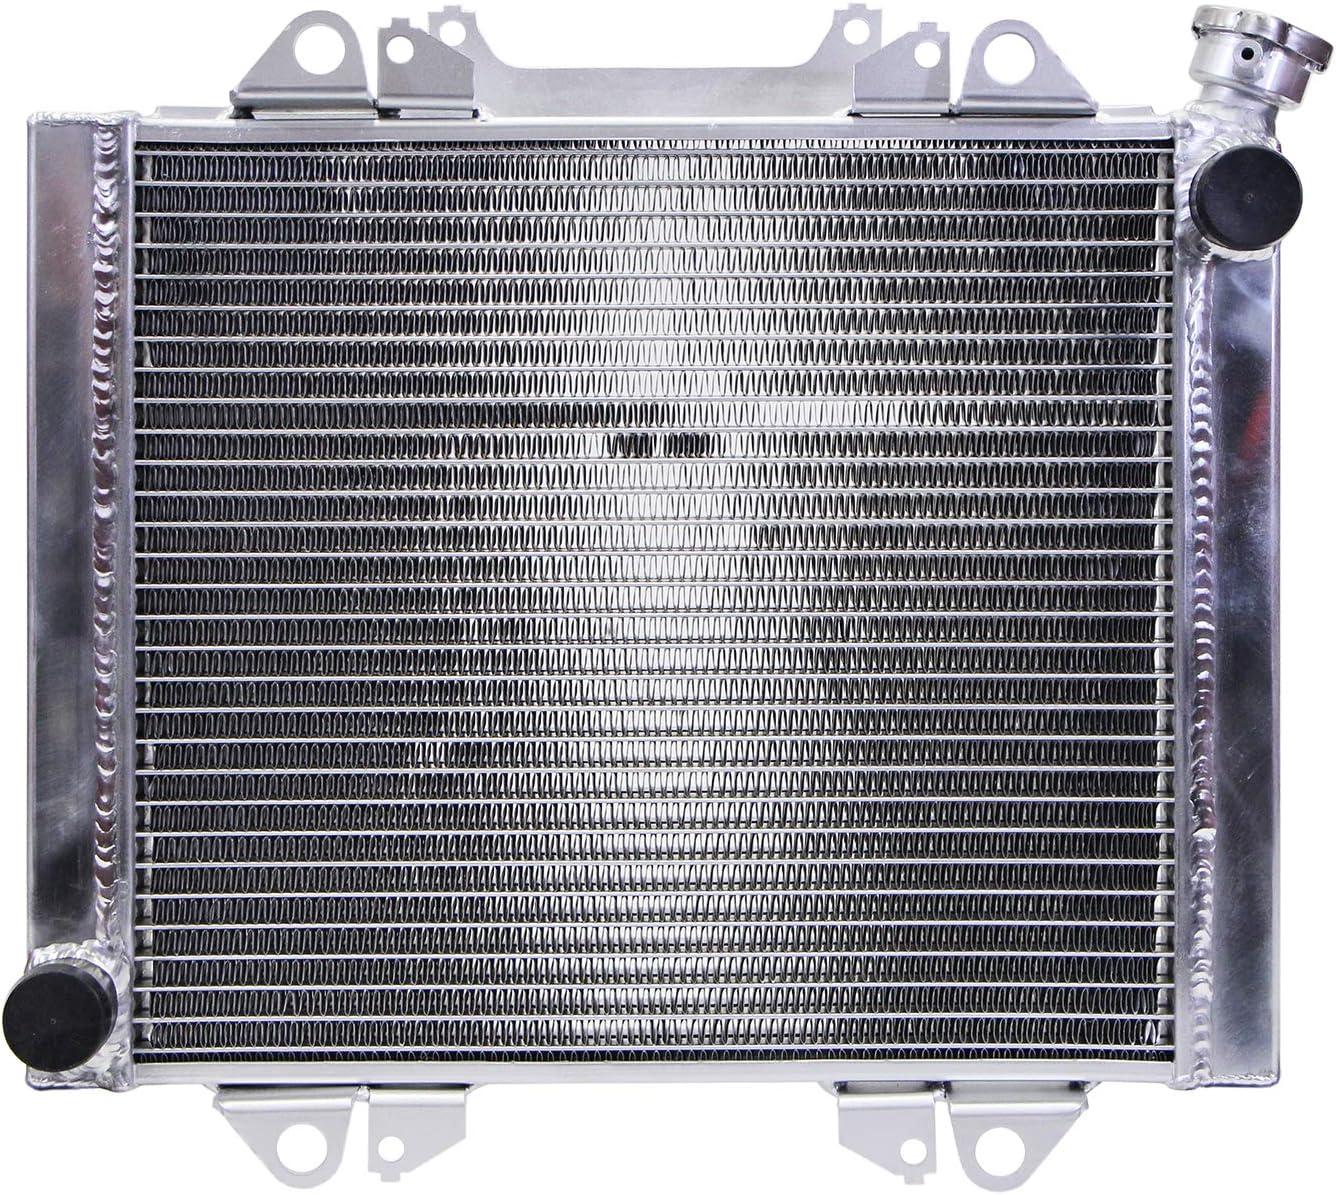 New Cooling Fan Assembly Kawasaki KRF750 Teryx 750 FI 4X4 LE Sport 2010-2013